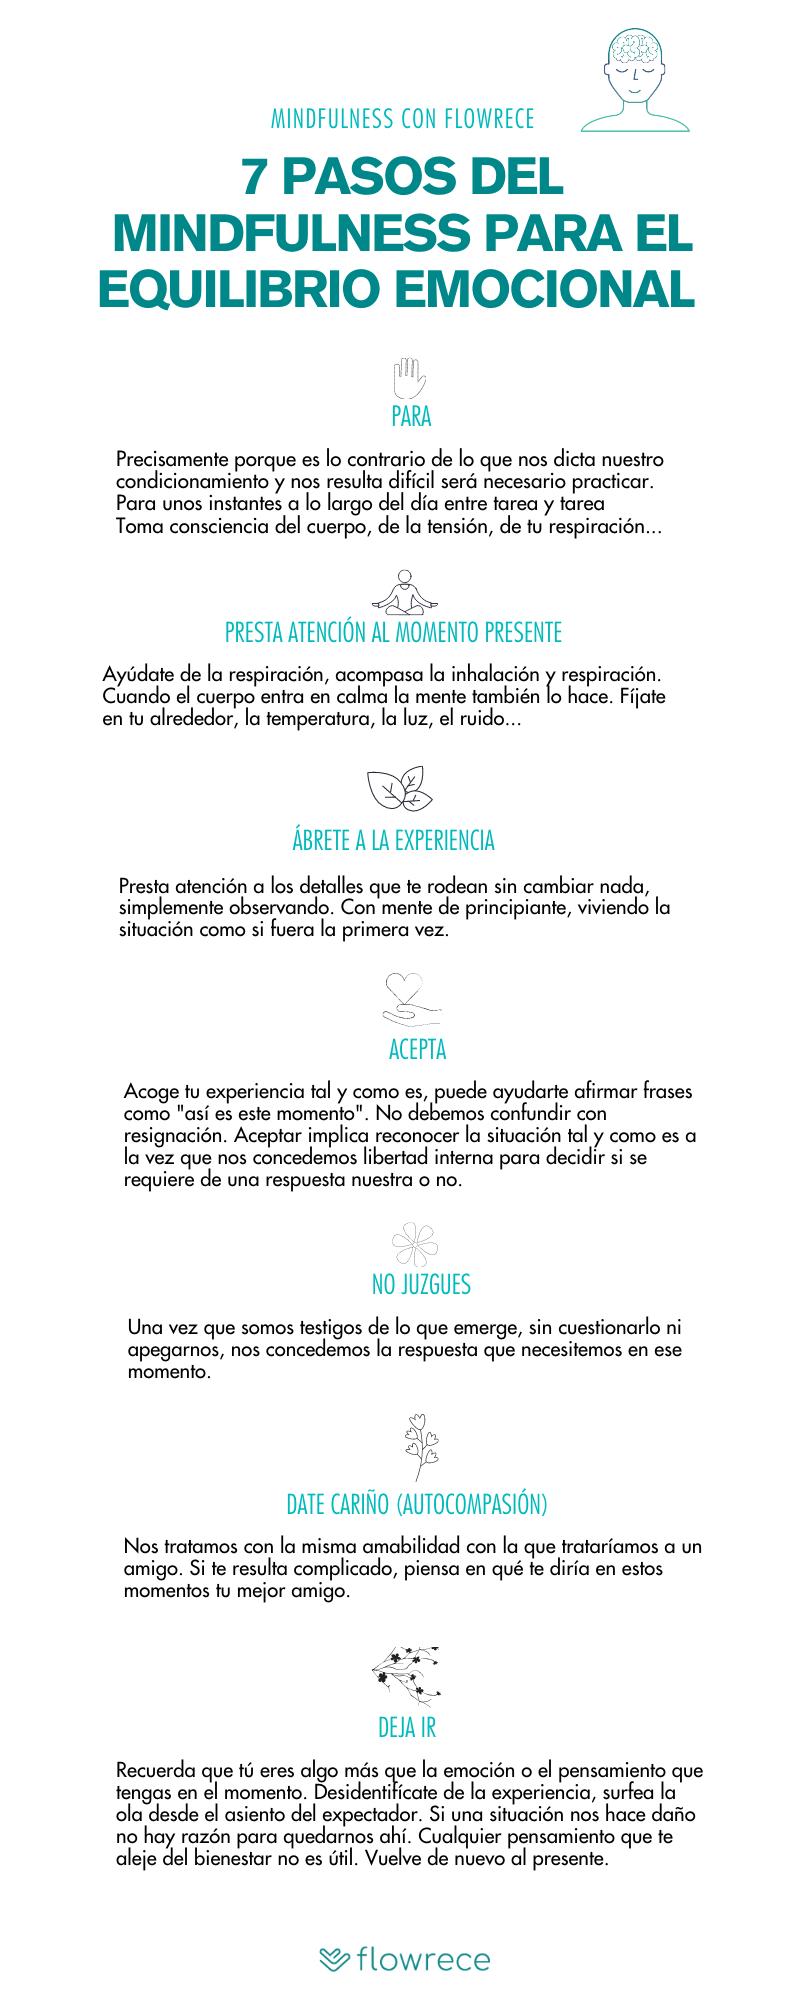 infográfico con los 7 pasos del mindfulness para el equilibrio emocional